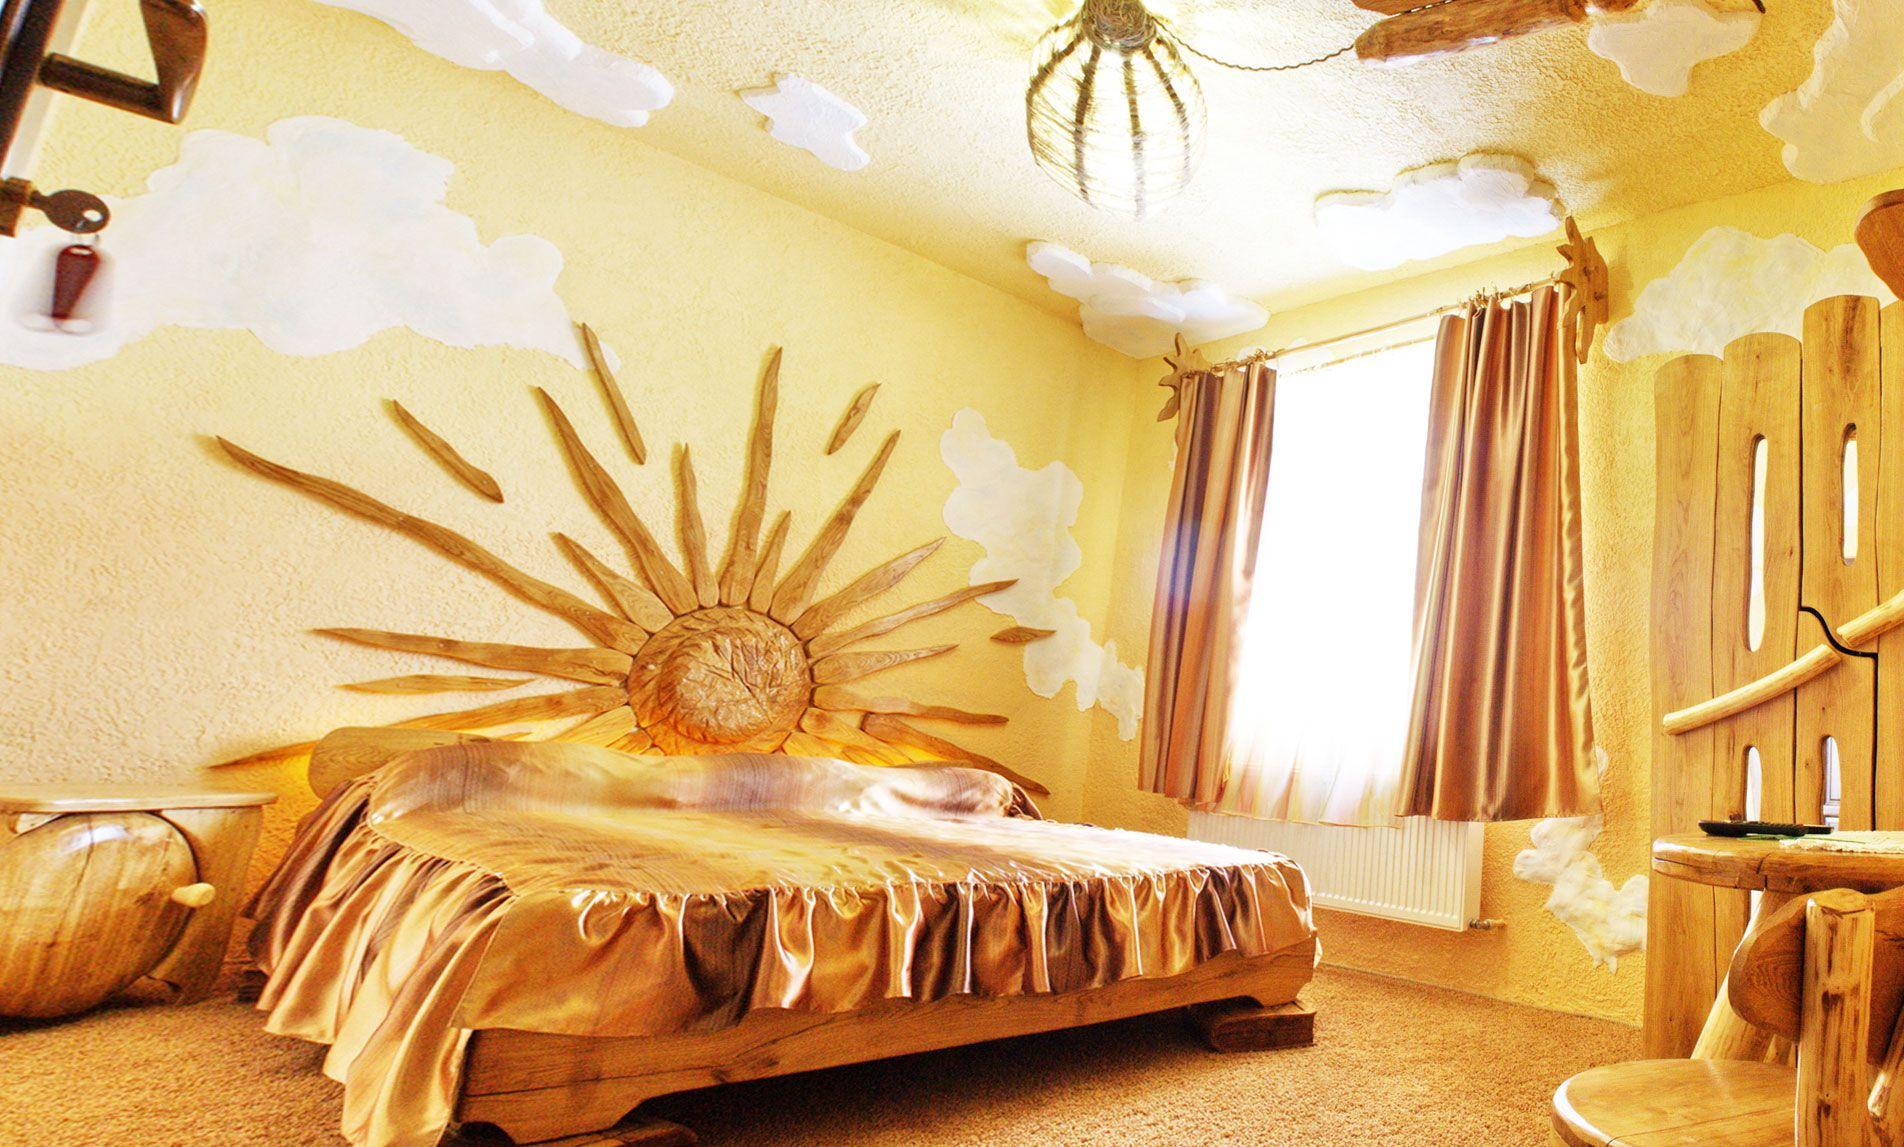 Гостиница, в которой вся мебель и интерьер из необработанного дерева (11 фото)